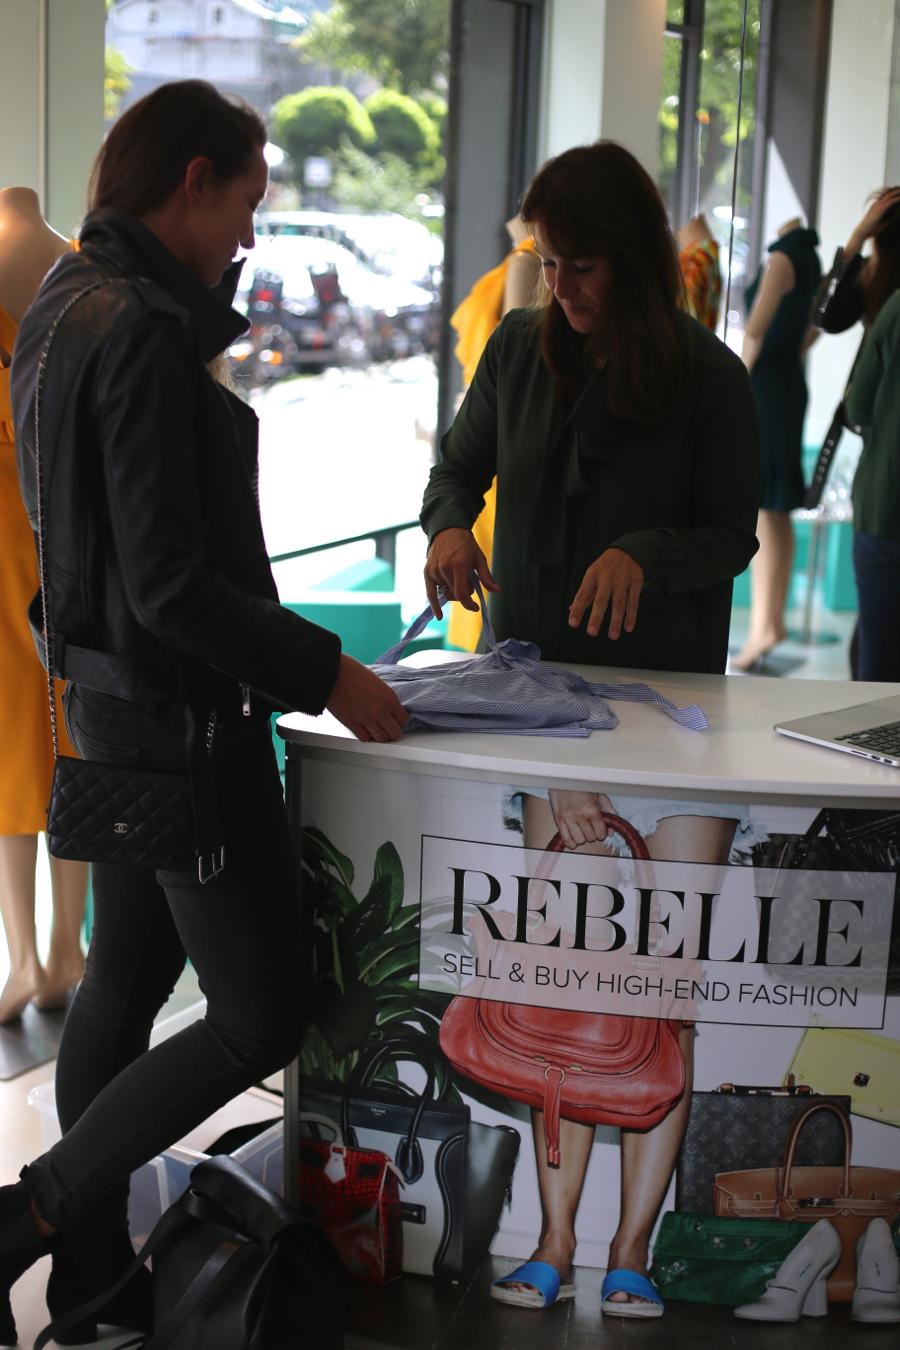 rebelle3